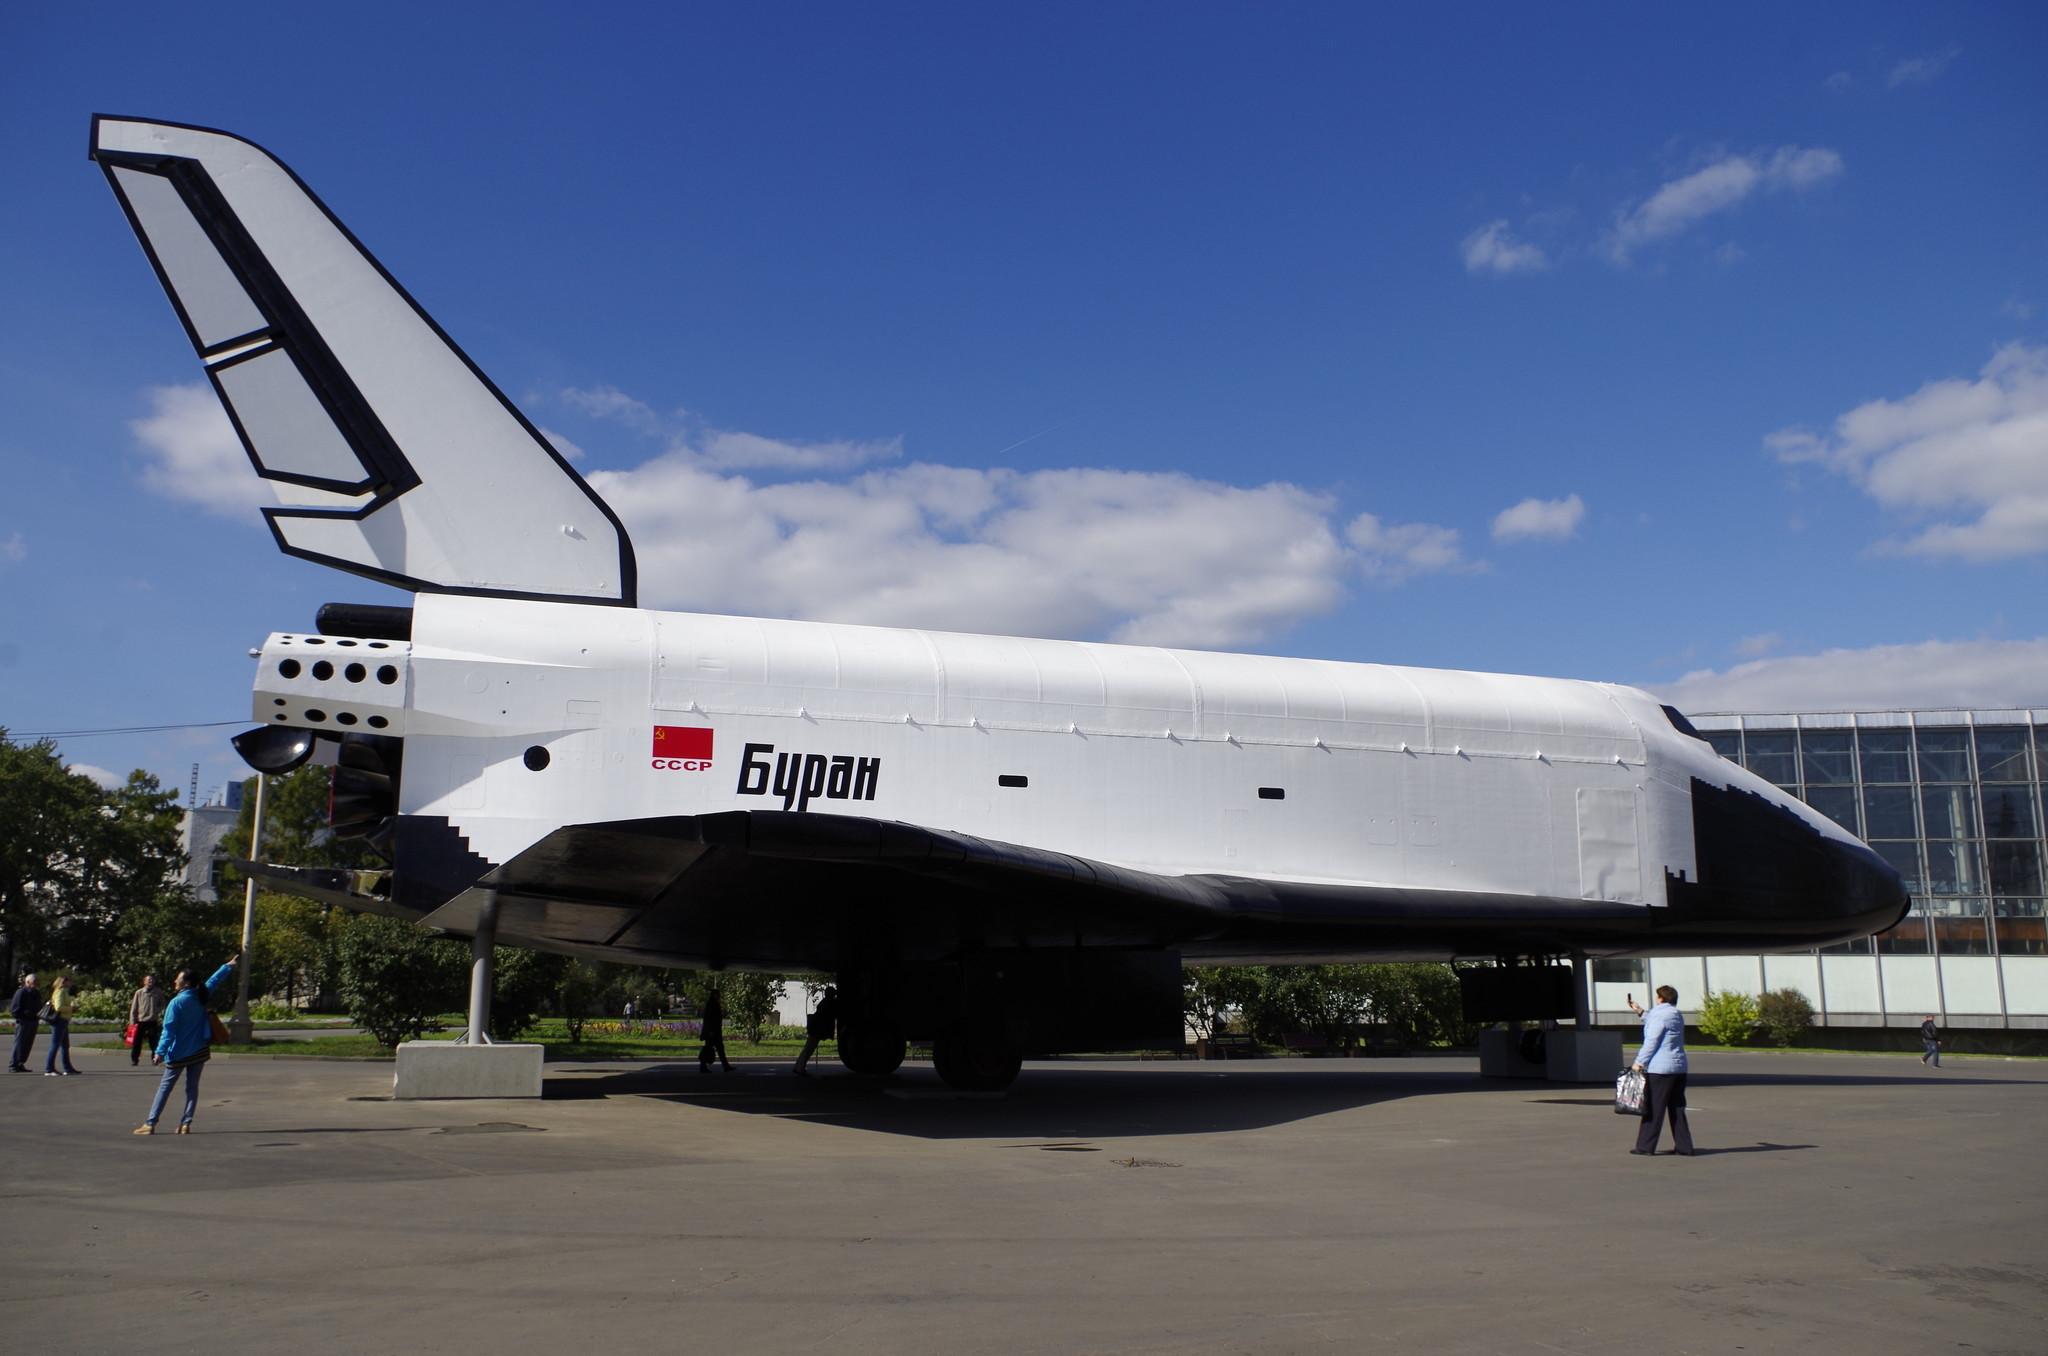 «Буран» — орбитальный корабль-ракетоплан советской многоразовой транспортной космической системы